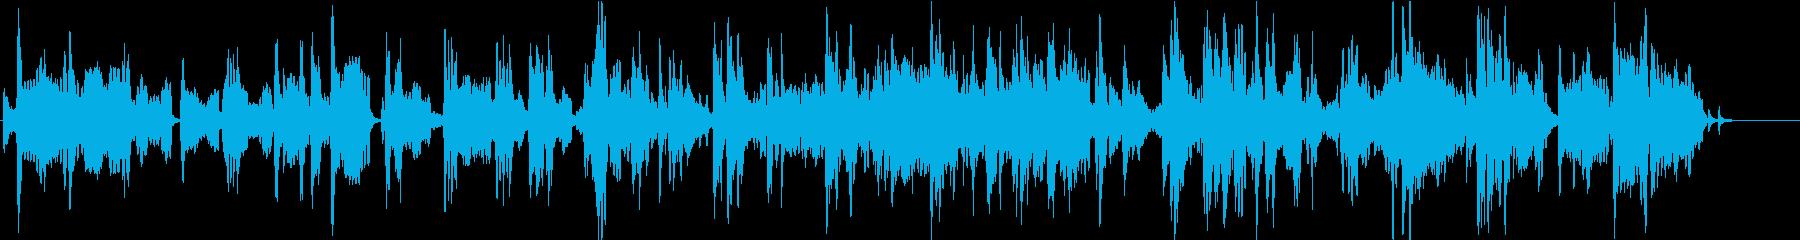 和風/尺八とお琴でお正月BGMや映像にの再生済みの波形